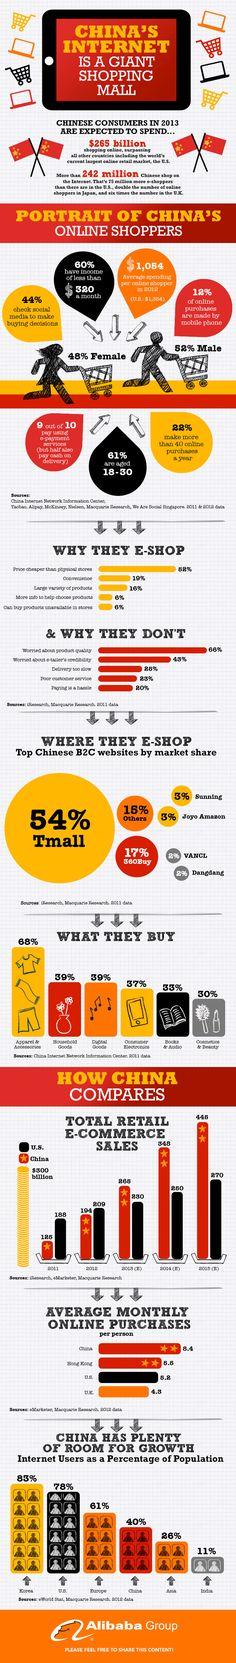 Waarom de wereld van e-commerce vooral China niet moet negeren! - #infographic #ecommerce #online